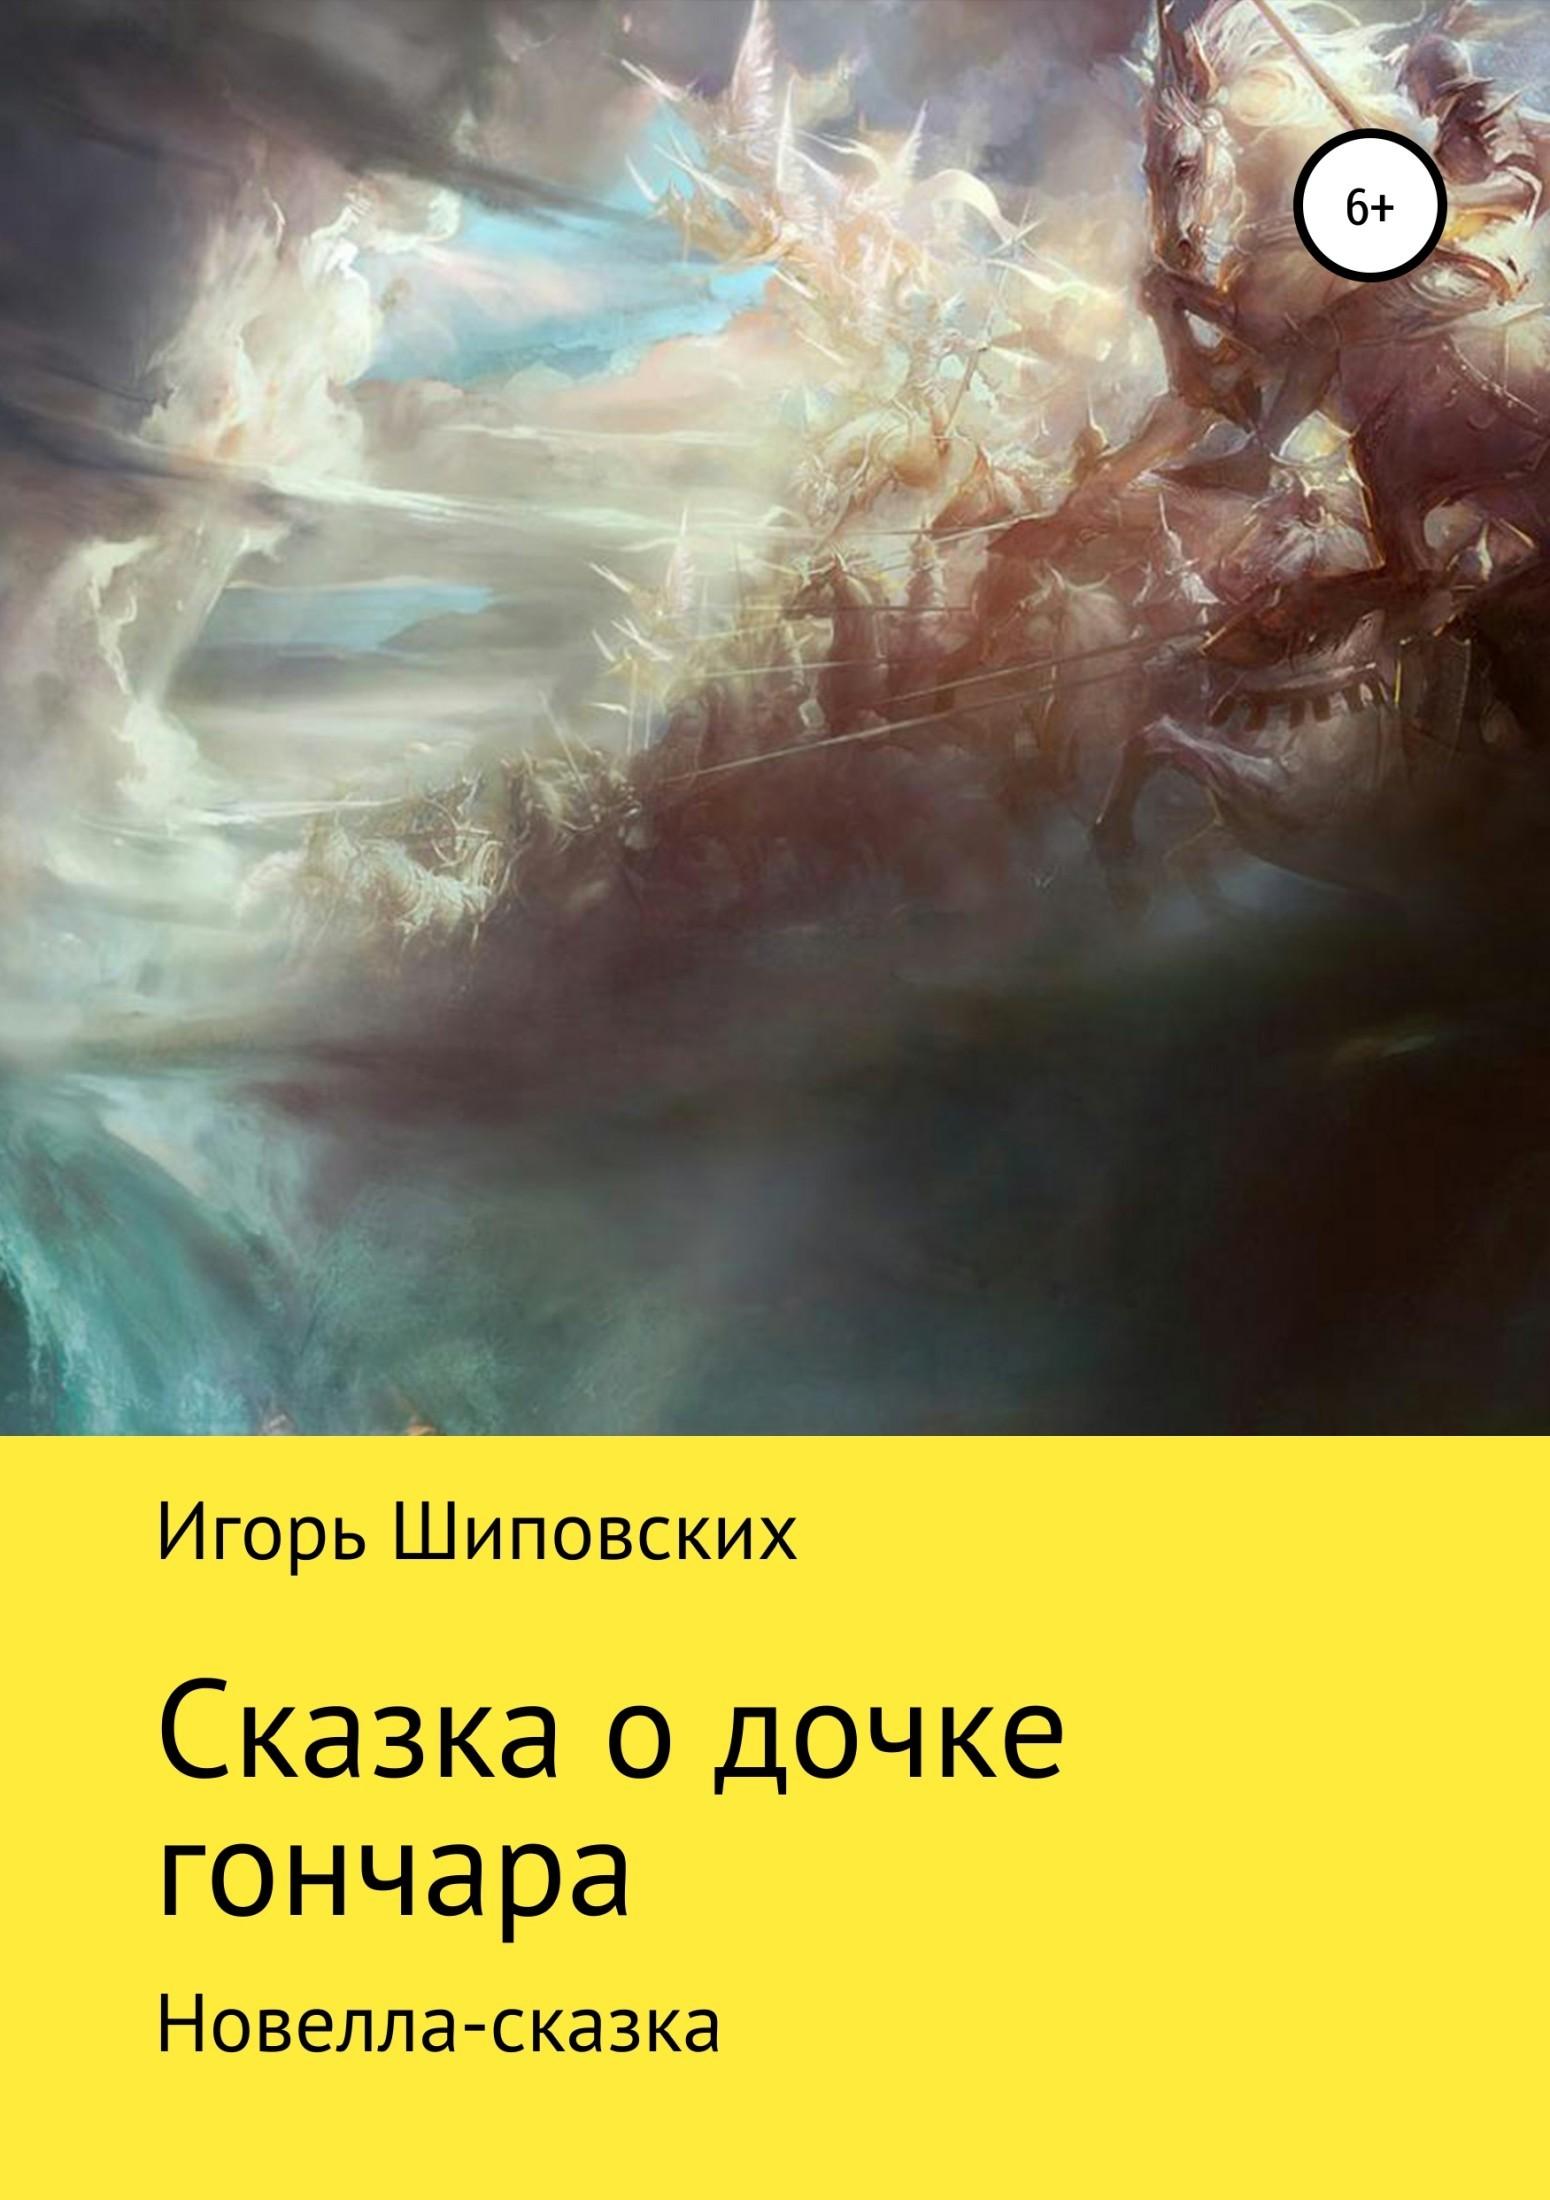 Игорь Шиповских - Сказка о дочке гончара